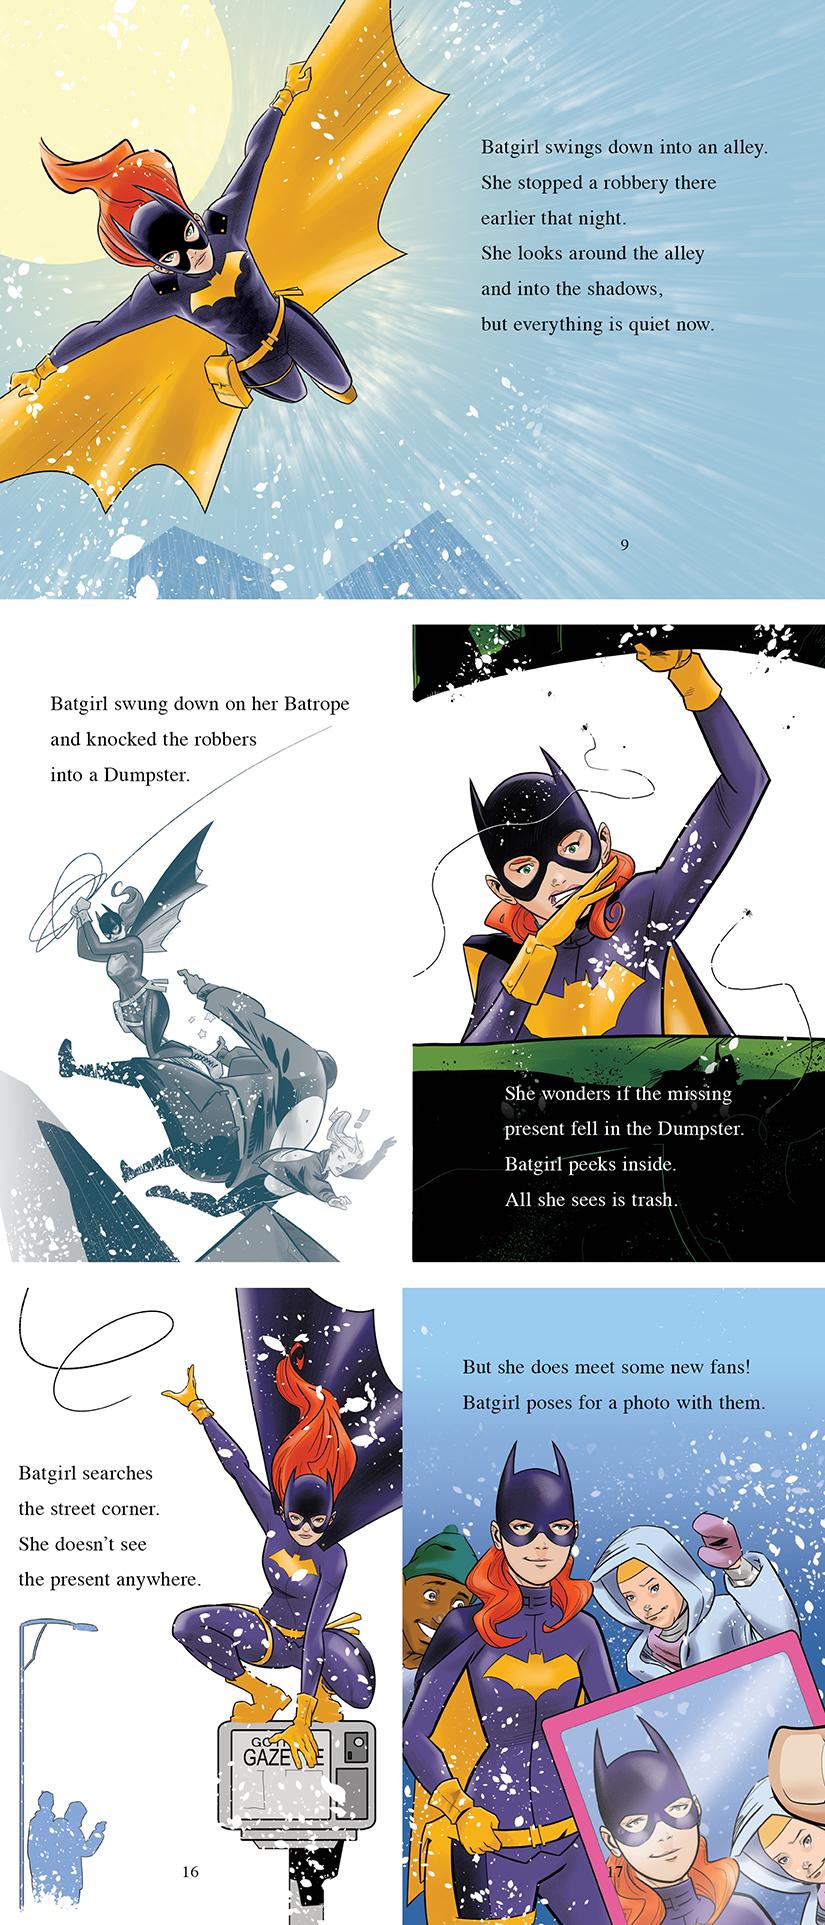 Batgirl_interiors.png